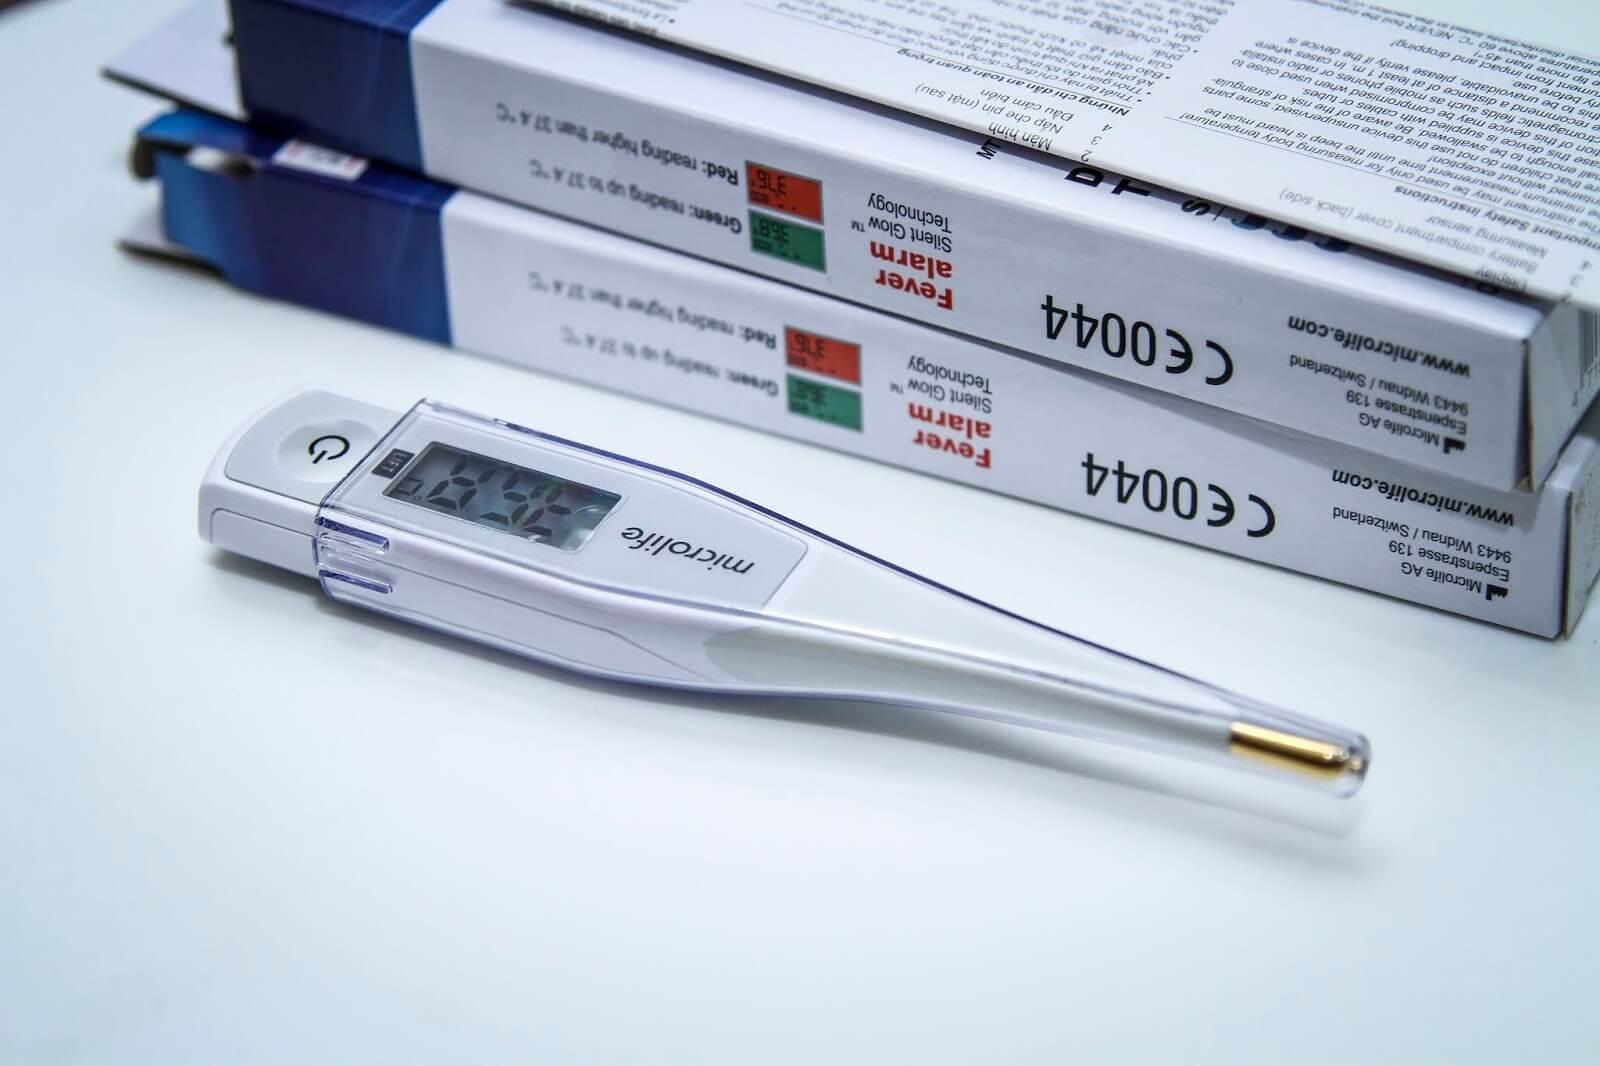 Nhiệt kế điện tử Microlife được tin dùng bởi nhiều khách hàng trên thế giới